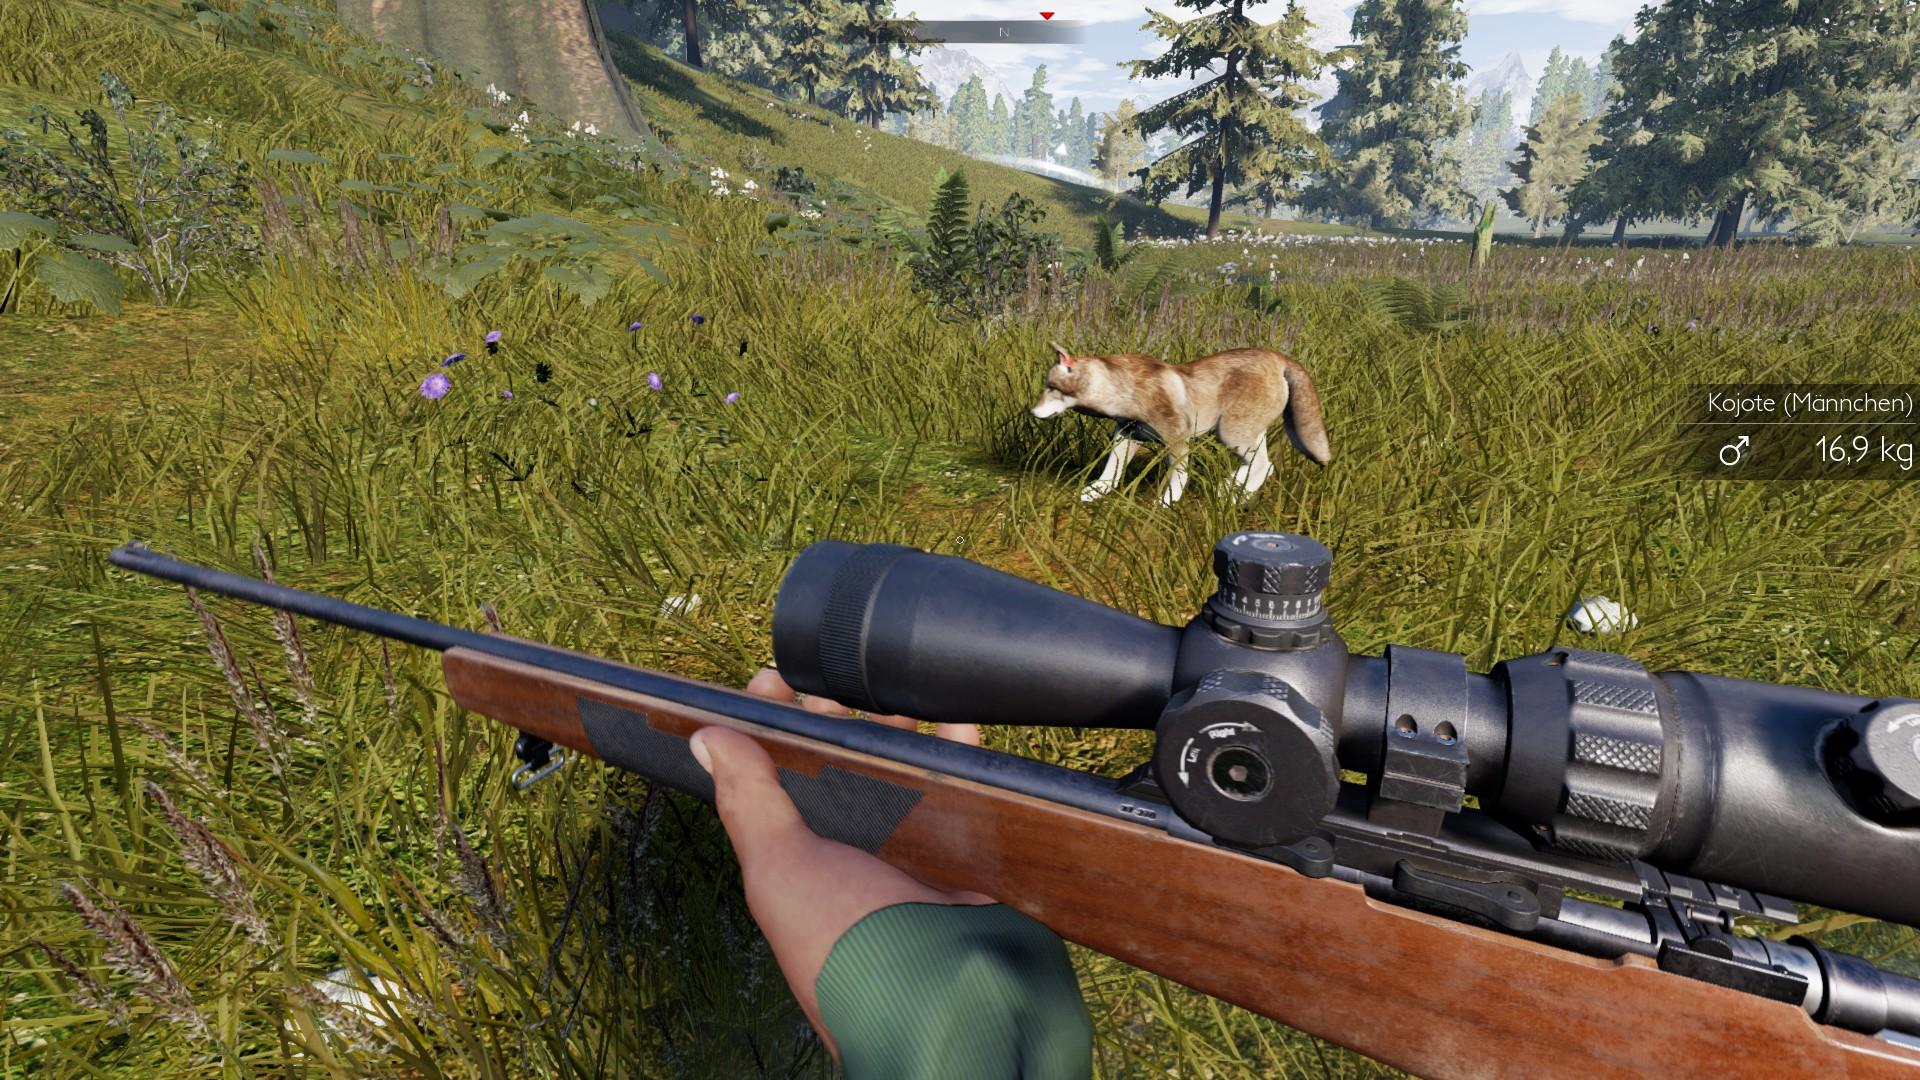 Zielfernrohr Mit Entfernungsmesser Rätsel : Test zum spiel hunting simulator die lustige jagd ist eröffnet